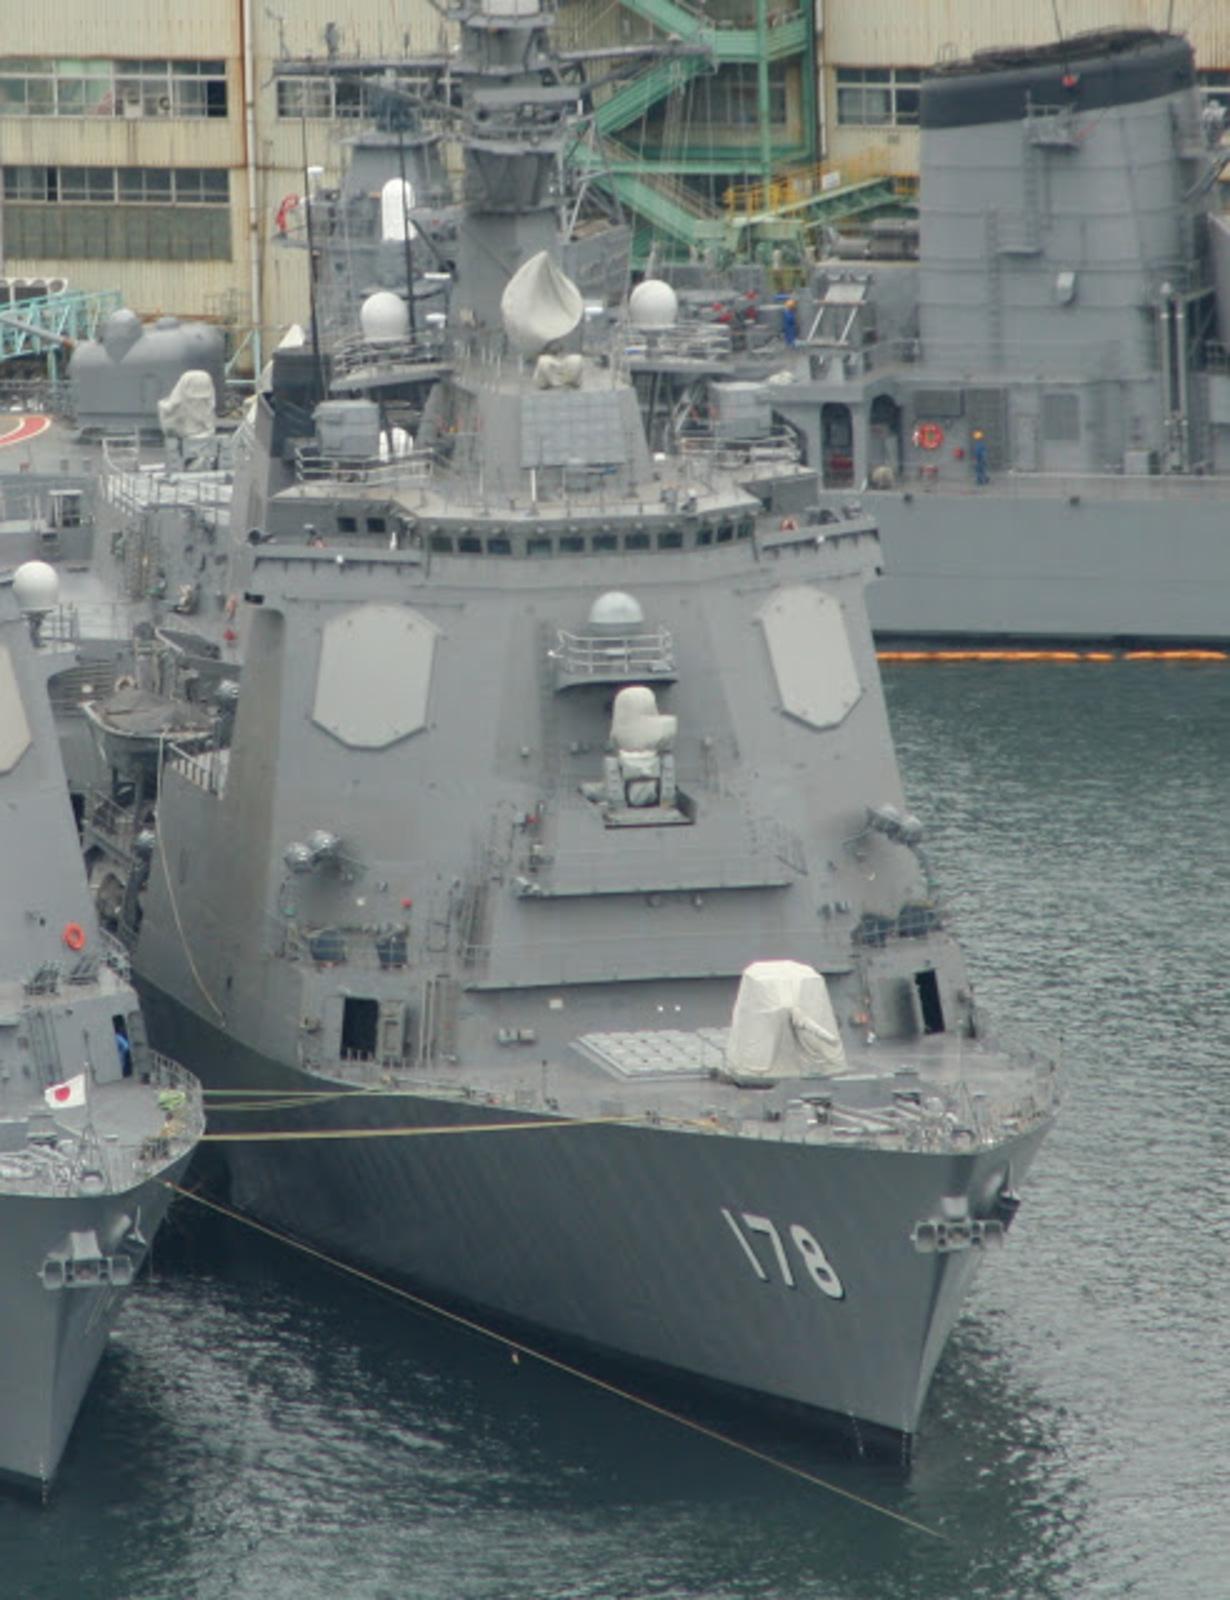 Botadura del 1er. diseño mejorado (DDG) - DD 27 Clase ATAGO Aegis con el  nombre de MAYA CLASS - Armada del Japon -  Notas, caracteristicas y publicaciones Japan_ATAGOto_Equip_Two_Warships_With_Laser_Weap